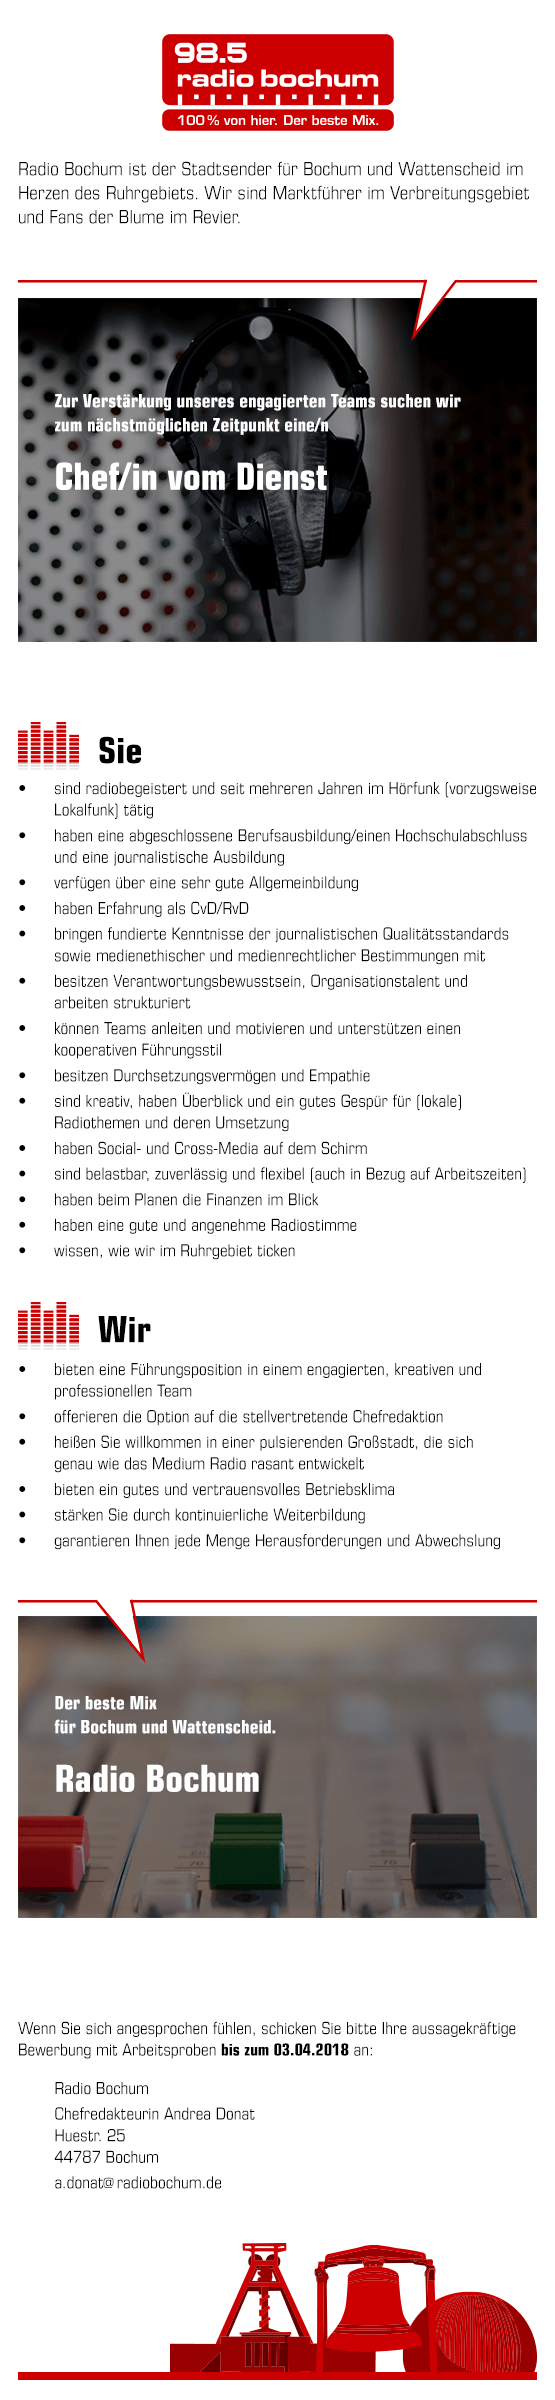 Radio Bochum sucht Chef/in vom Dienst